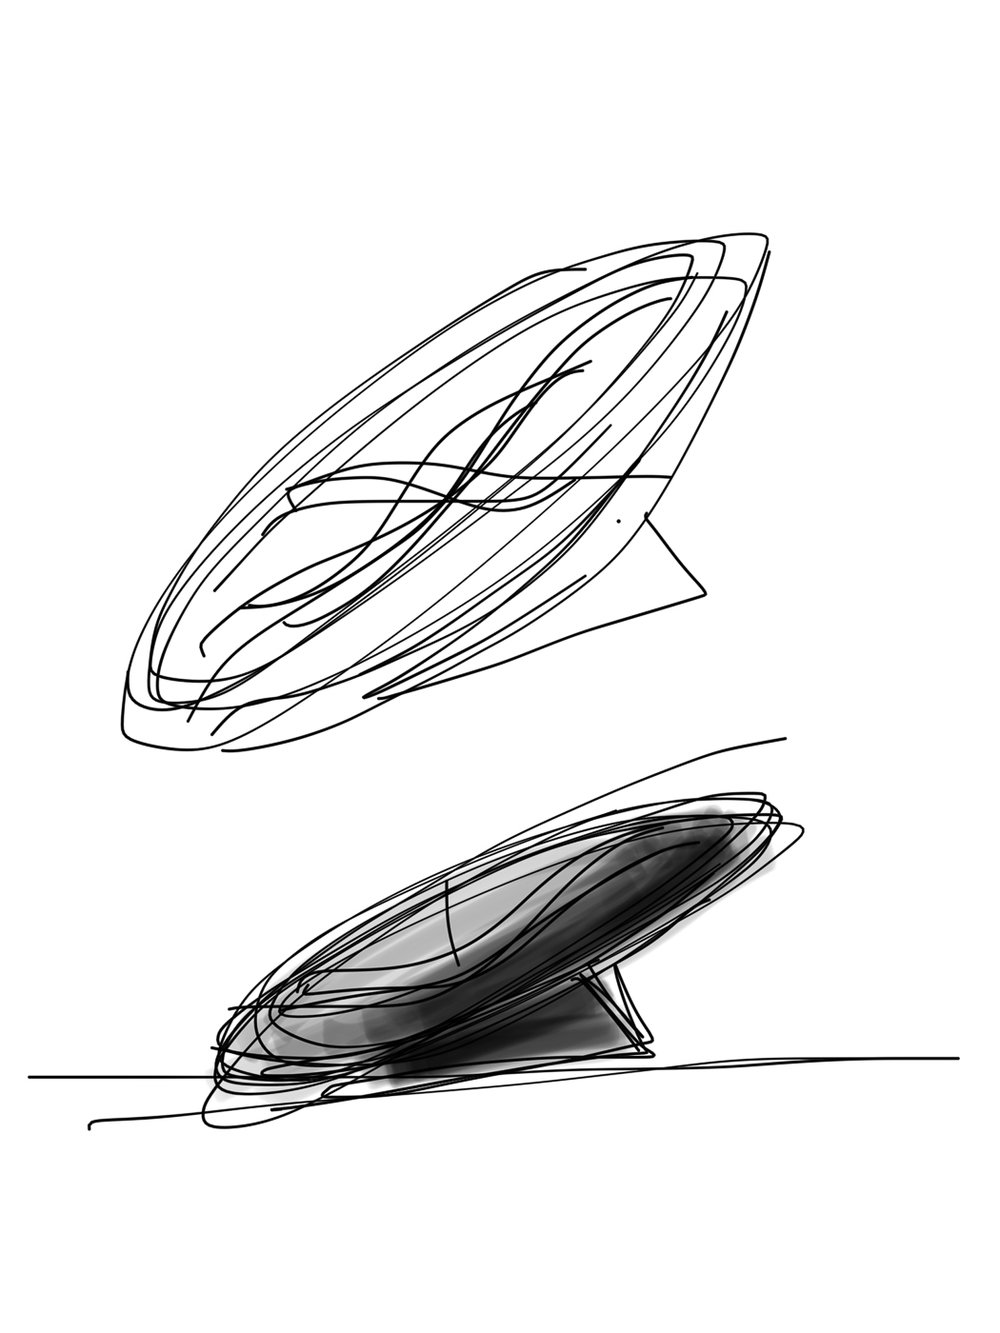 Sketch-187.jpg